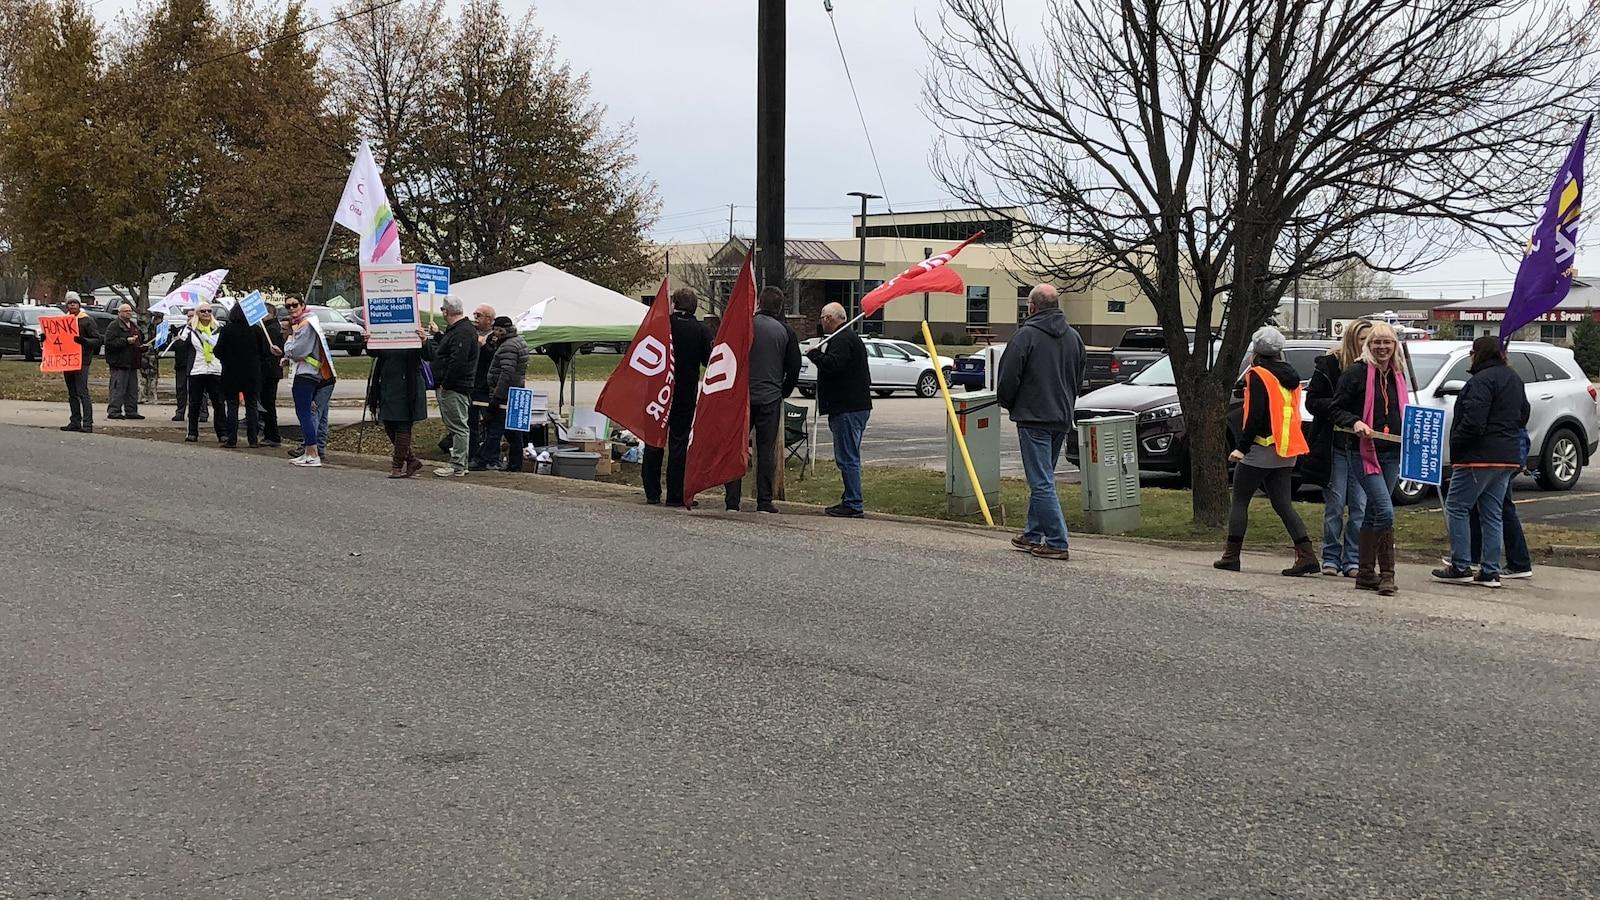 Un piquet de grève sur le bord d'une rue.